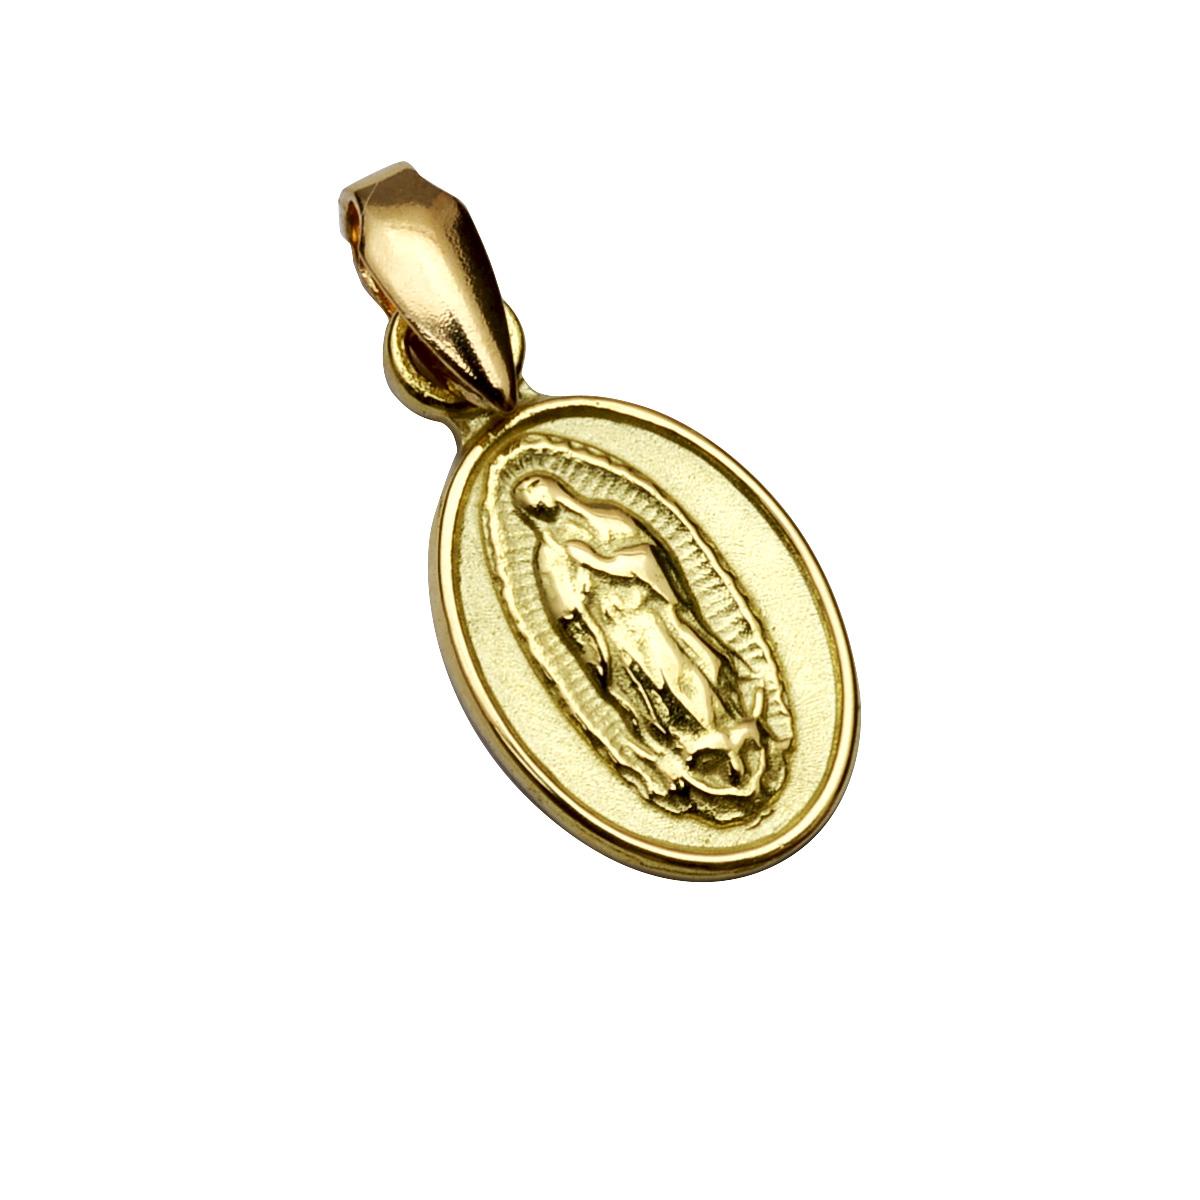 k18ネックレス ゴールドネックレス (RERALUy)レディース 女性 メンズ 男性 アクセサリー ネックレス K18ゴールド・アンティークスタイル メダイ ペンダント トップ オーバル・マリア (付属チェーンなし) rpd0189